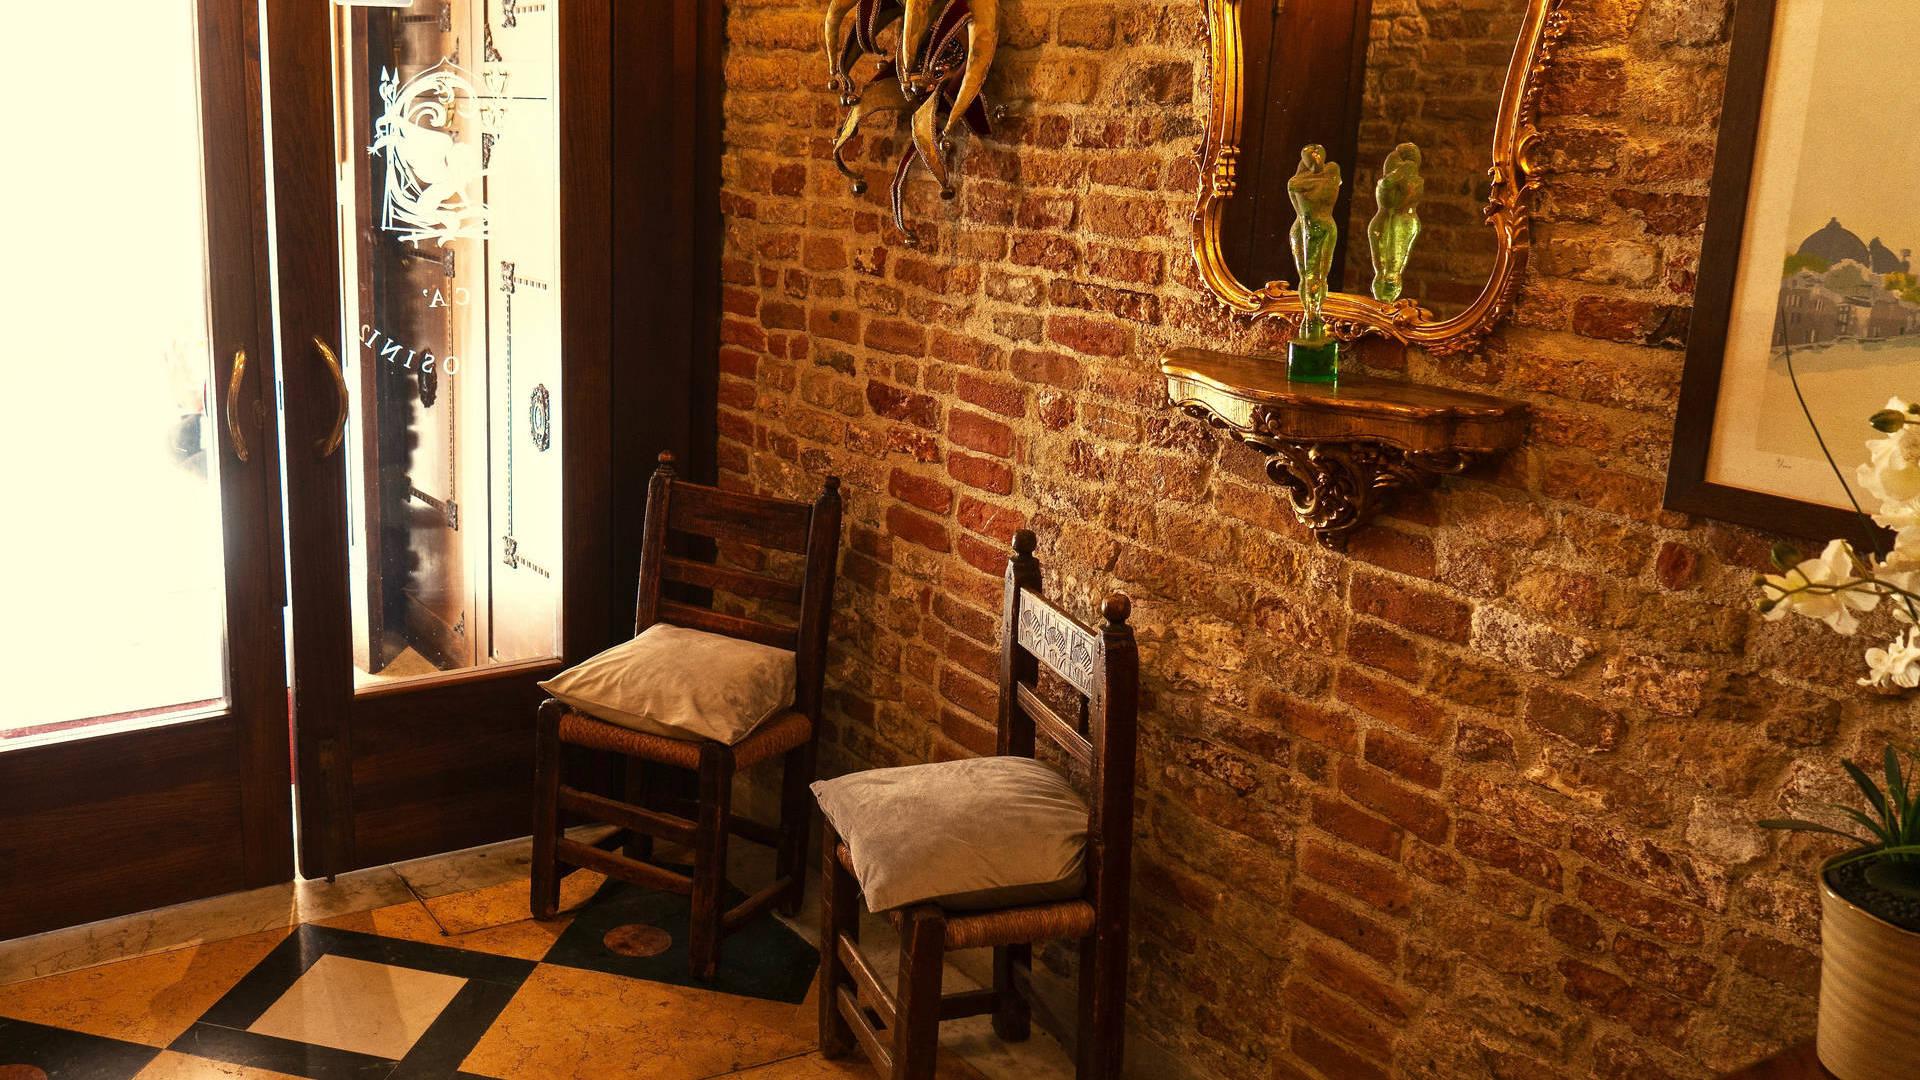 Ca' Morosini Inn in the Center of Venice